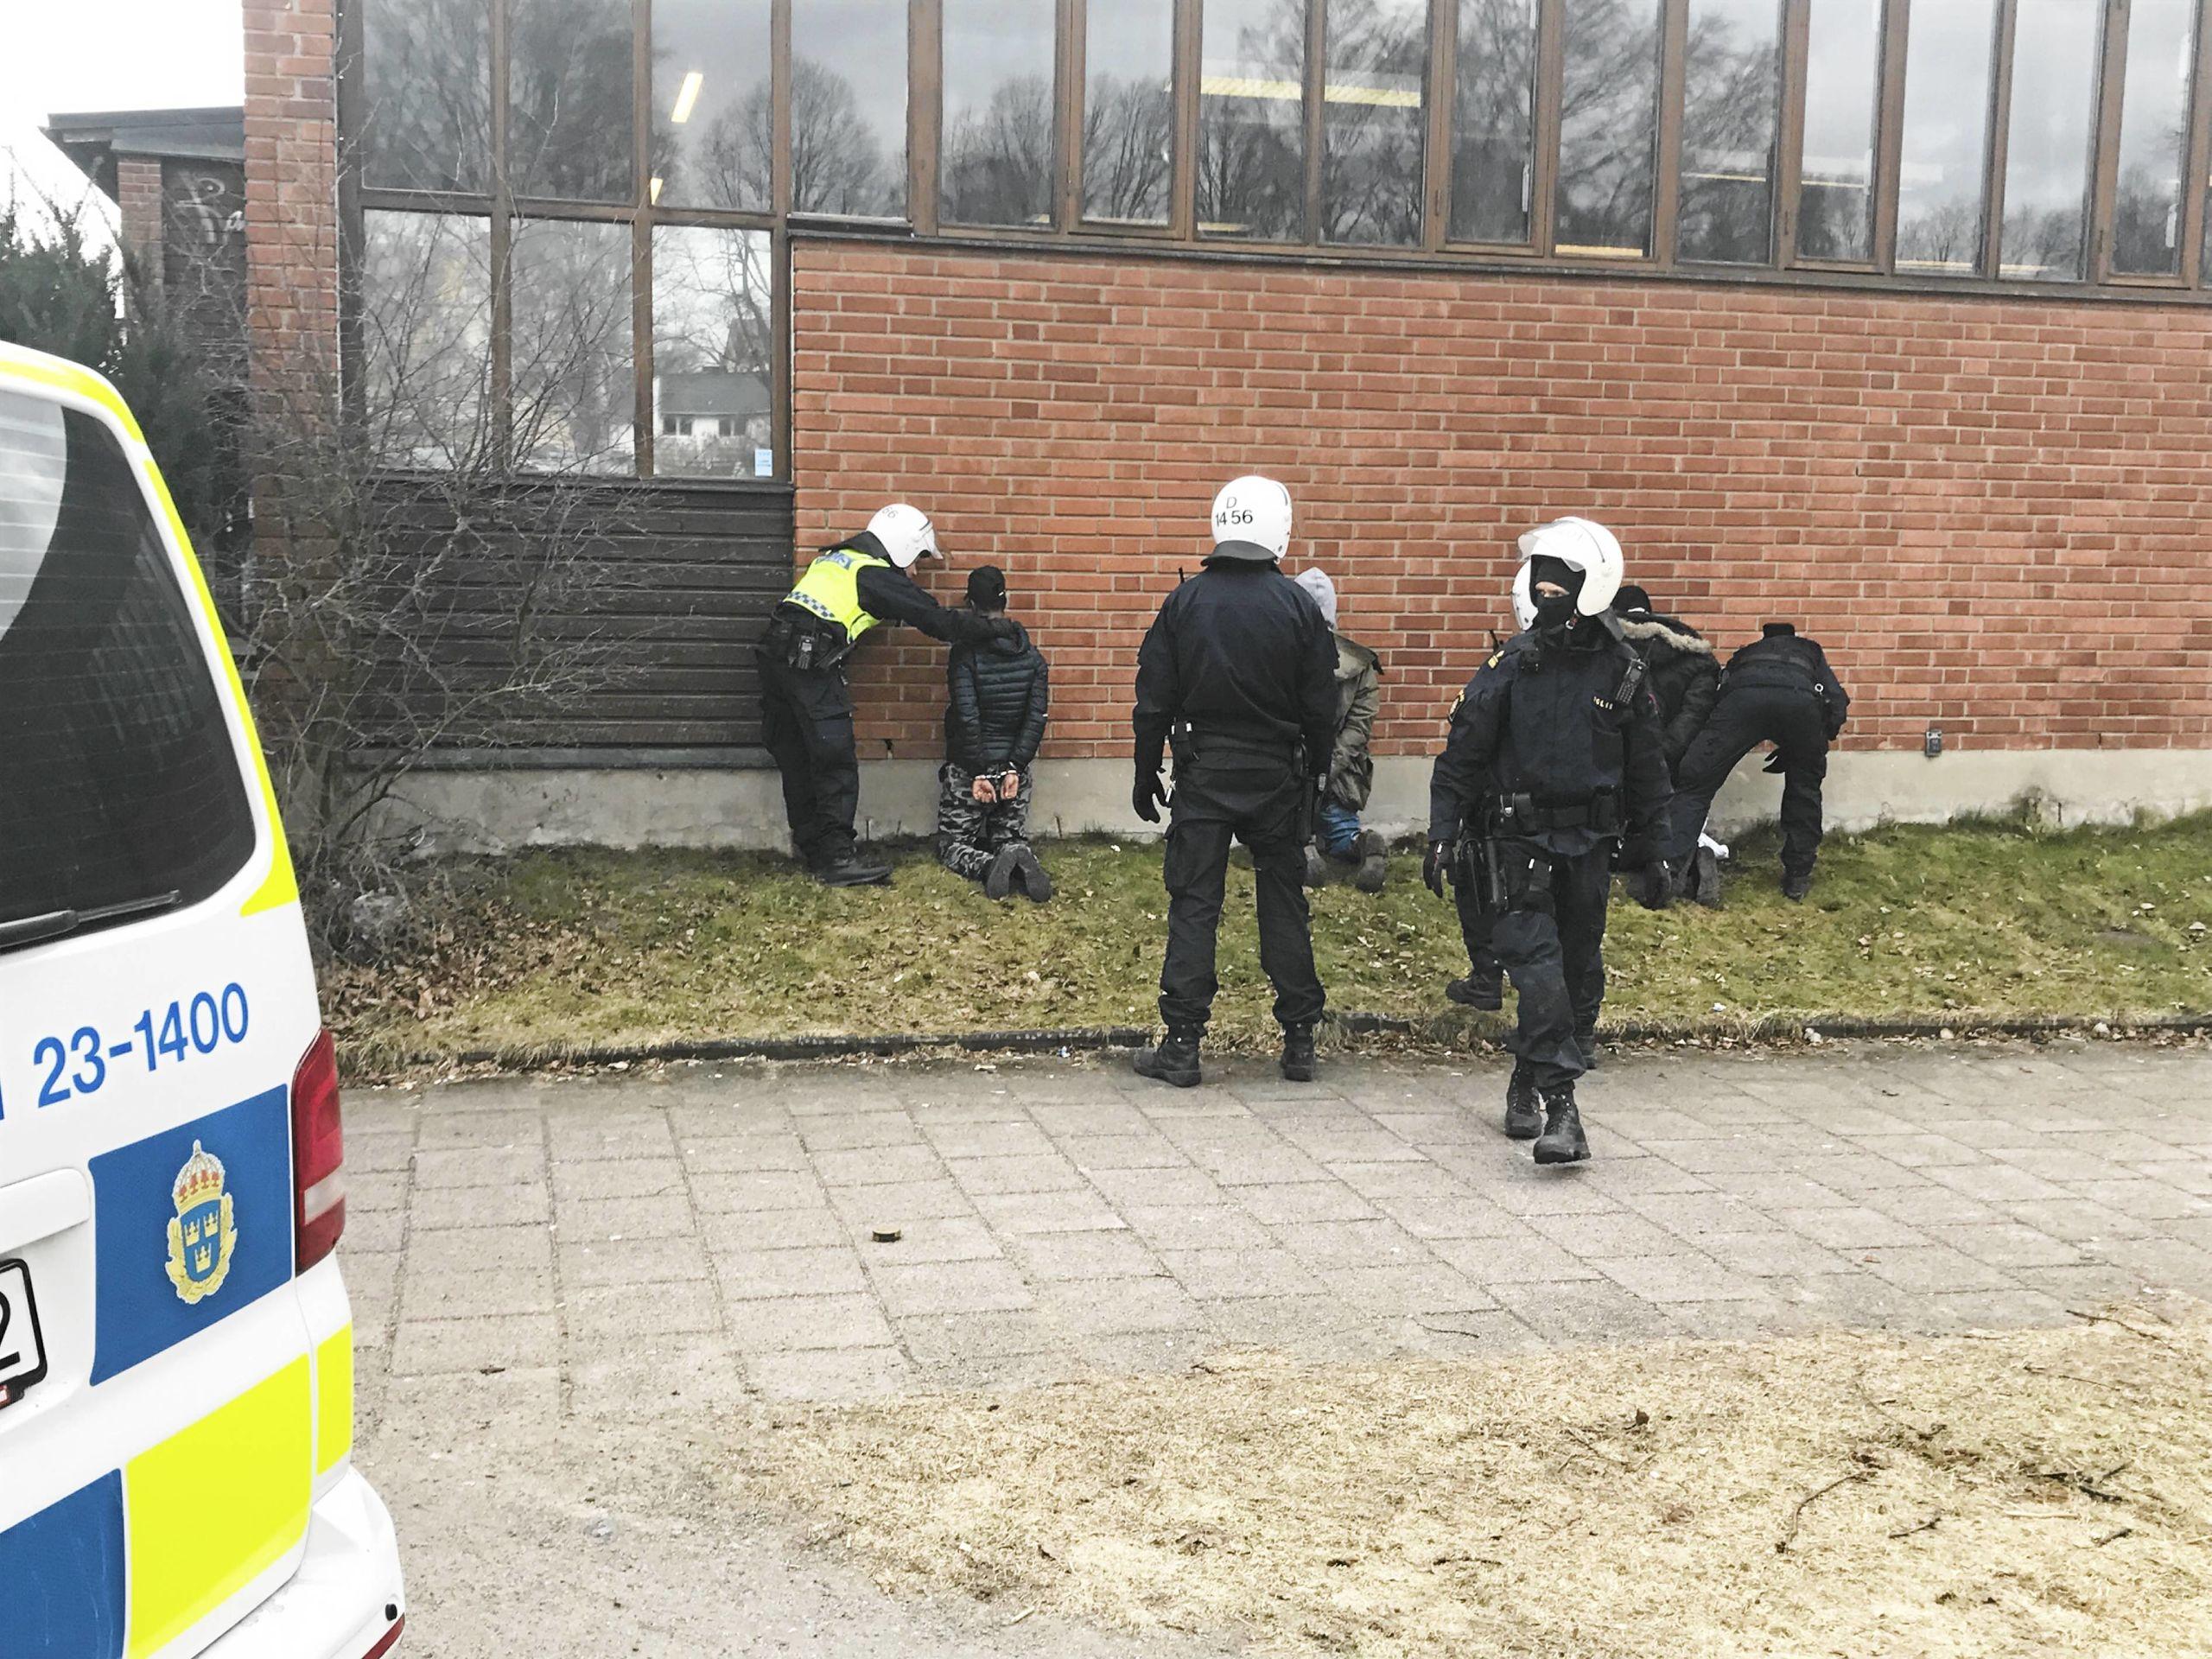 Elva anhallna efter upplopp pa skola